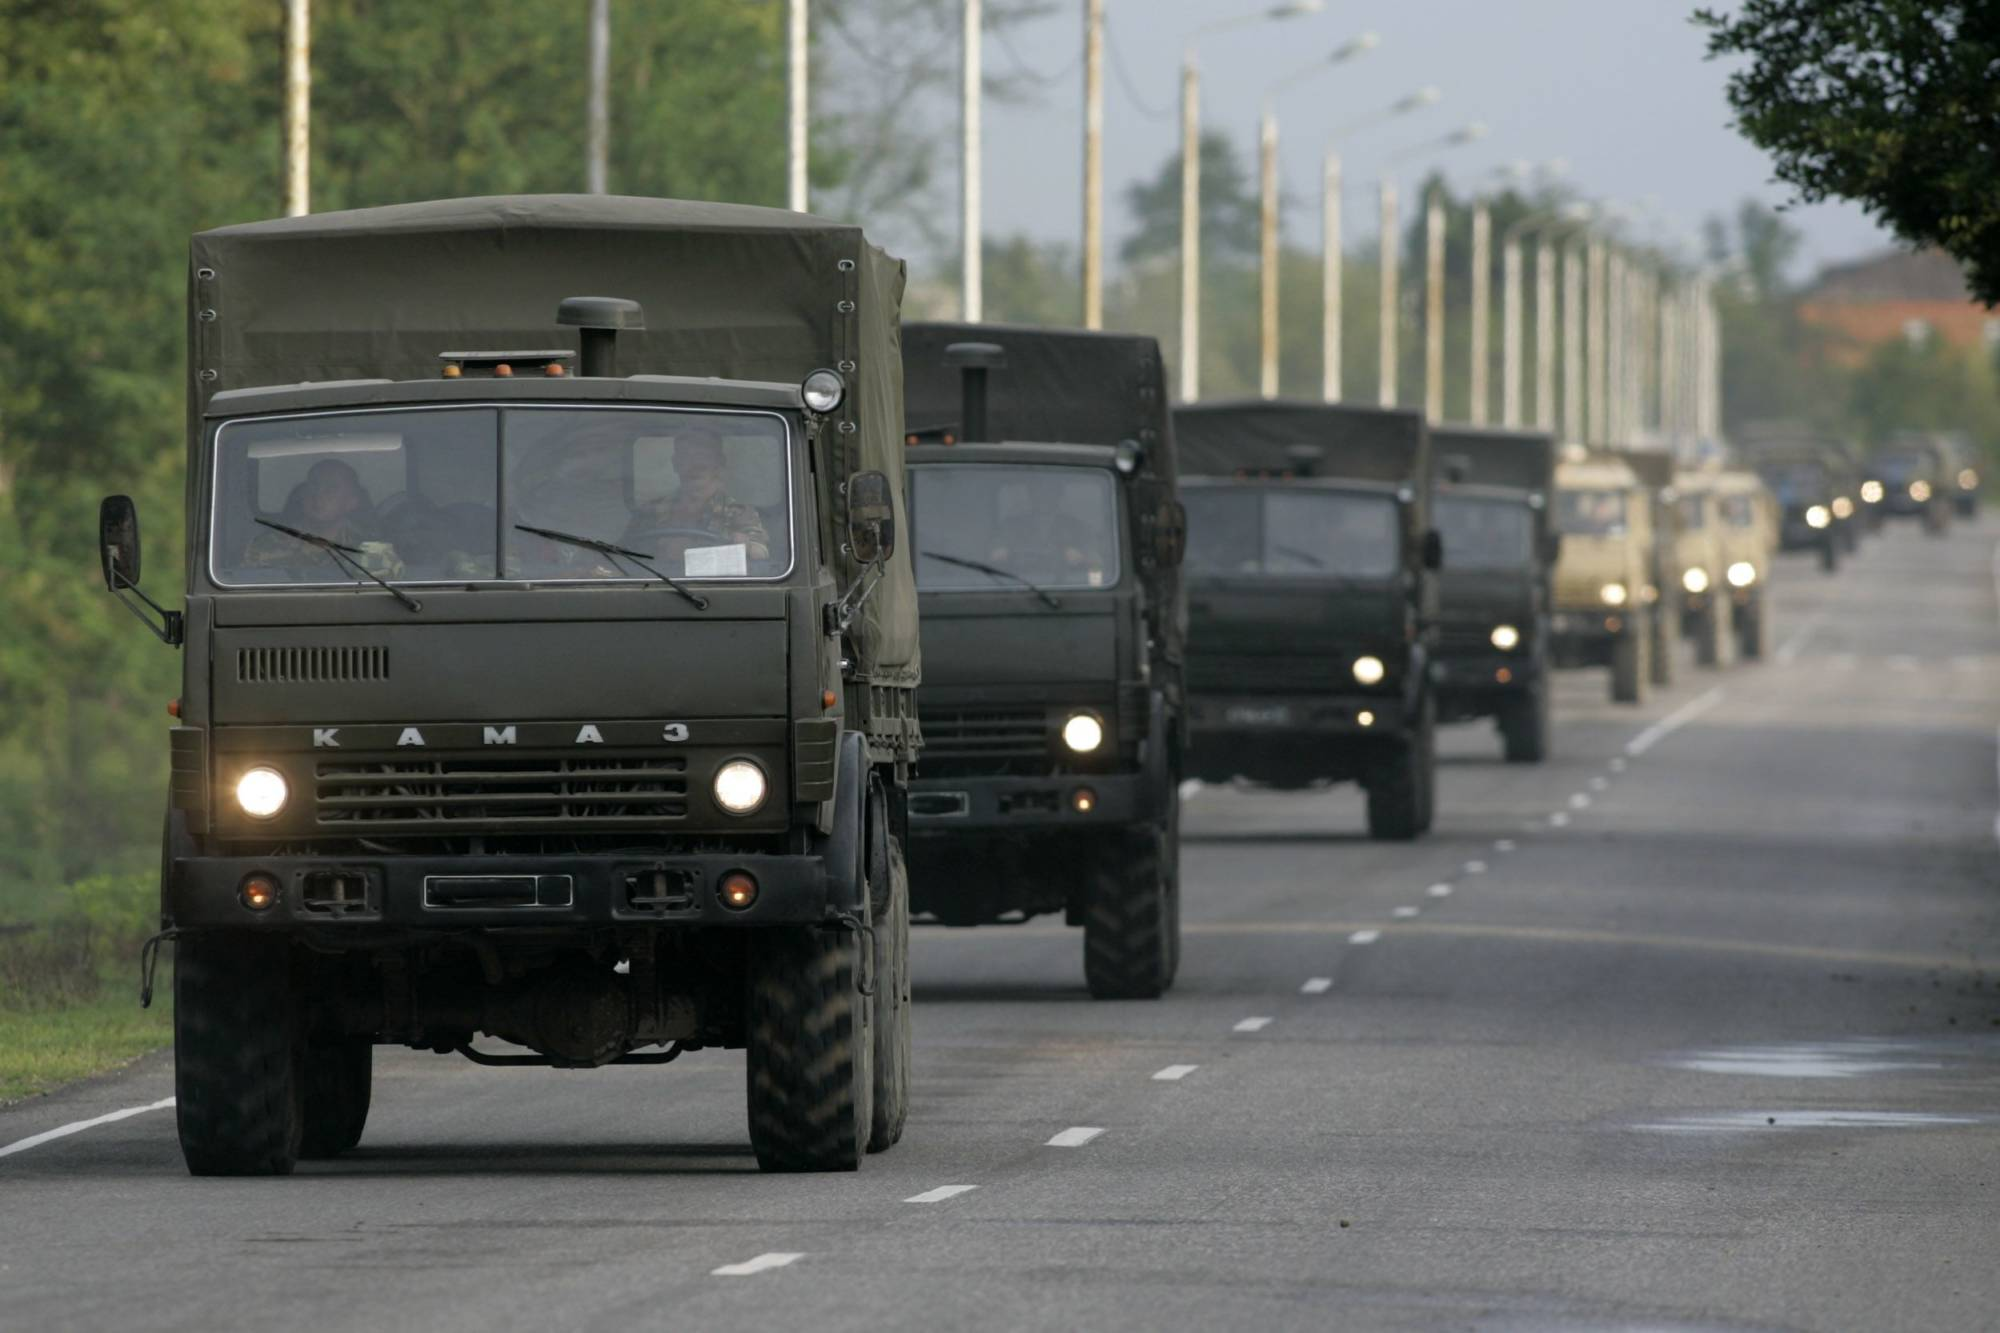 кору гравий можно ли фотографировать военные номера в украине база гиревого фитнеса